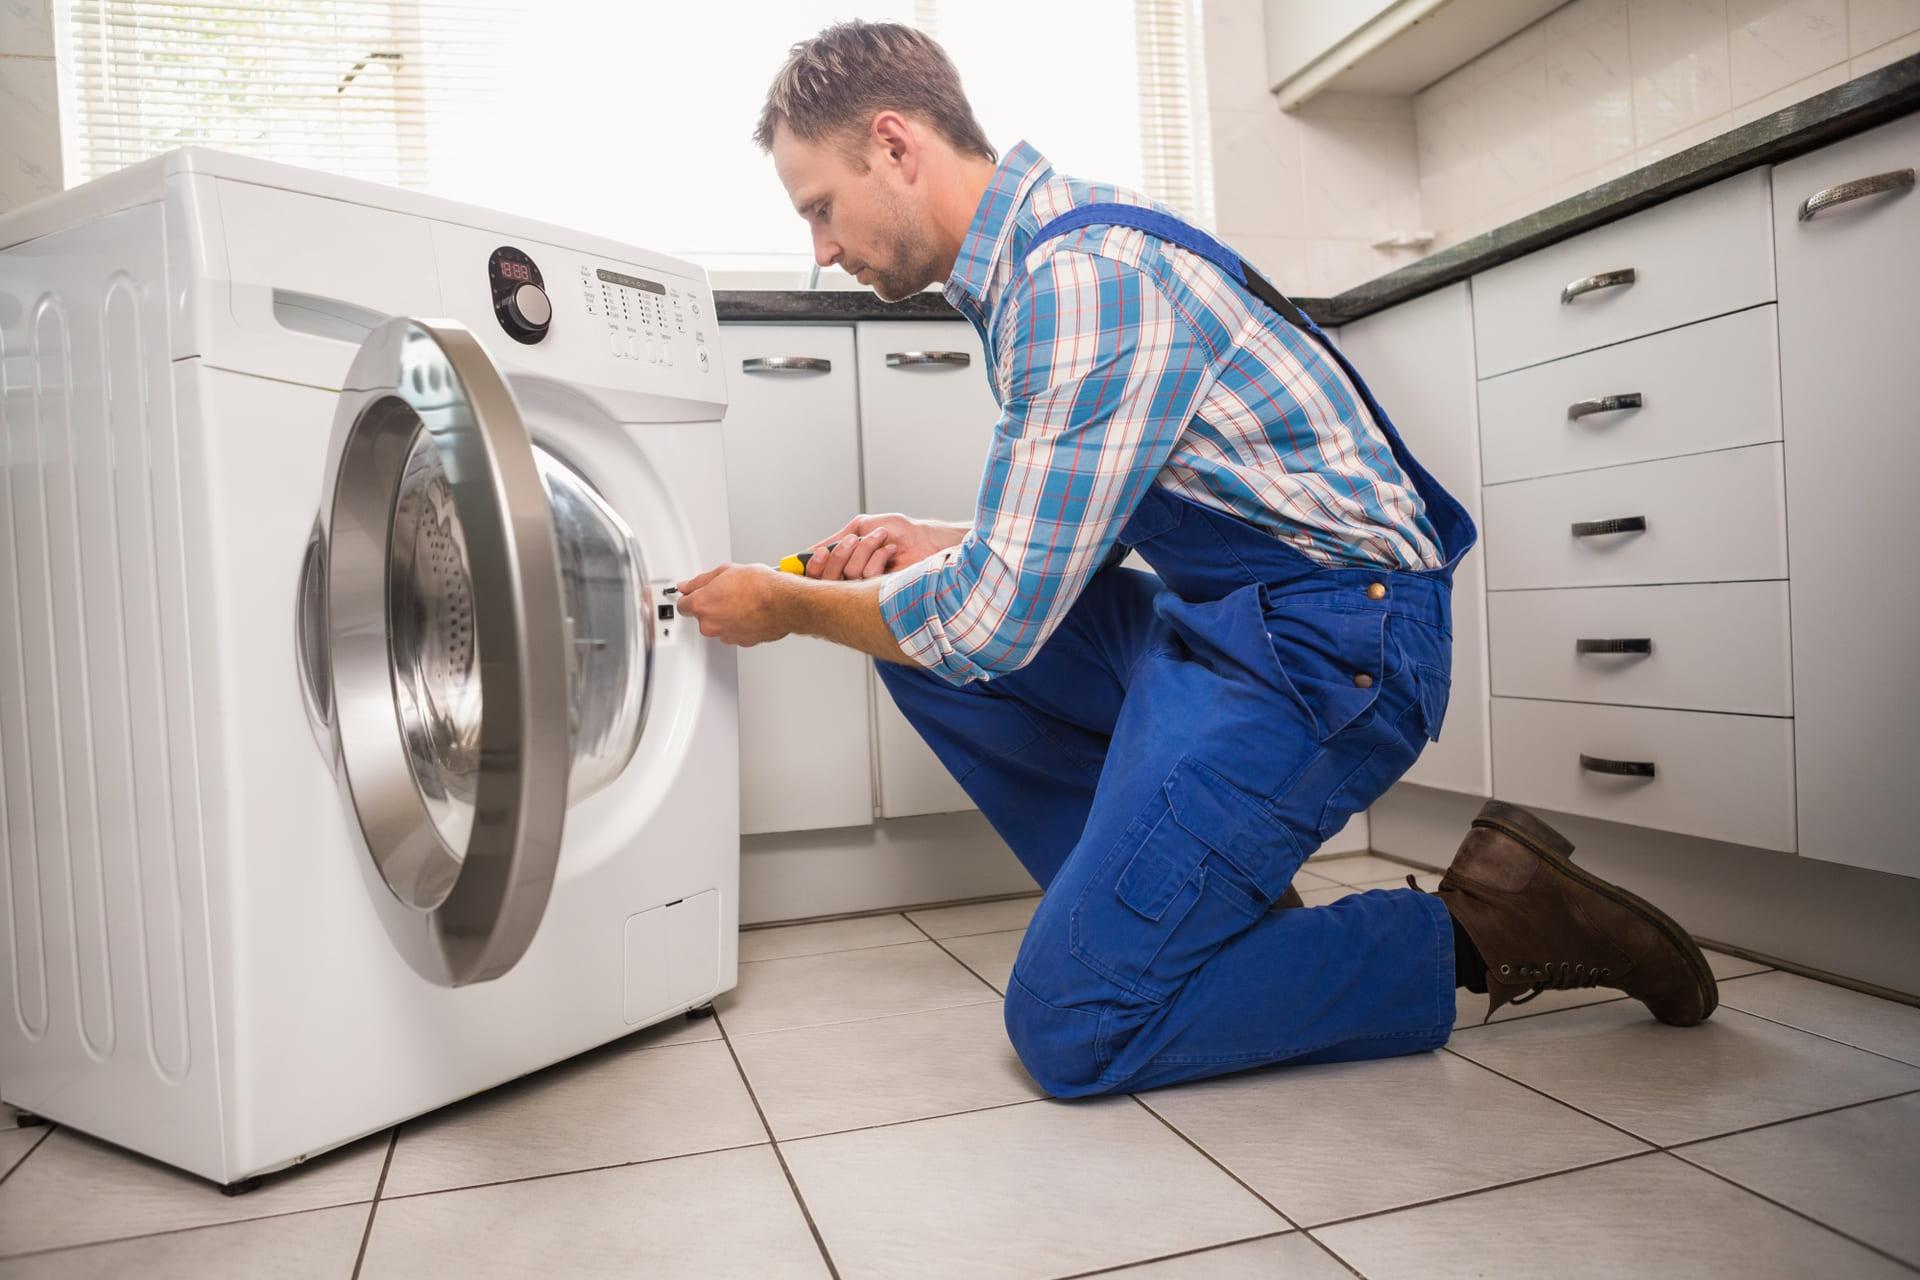 waschmaschine reparatur elektronik